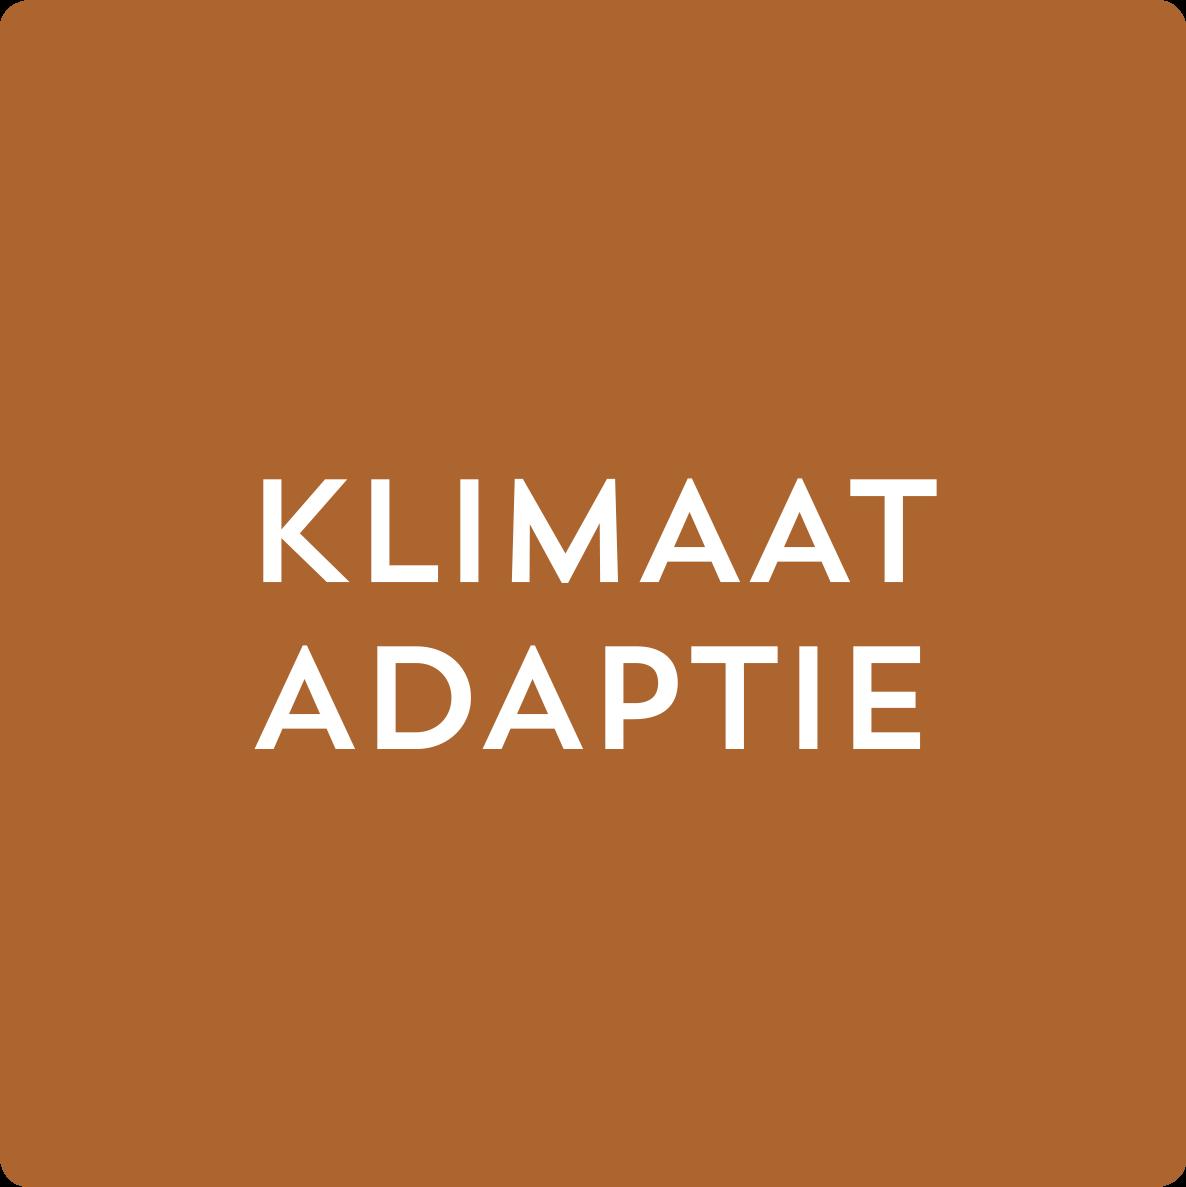 klimaatadaptie